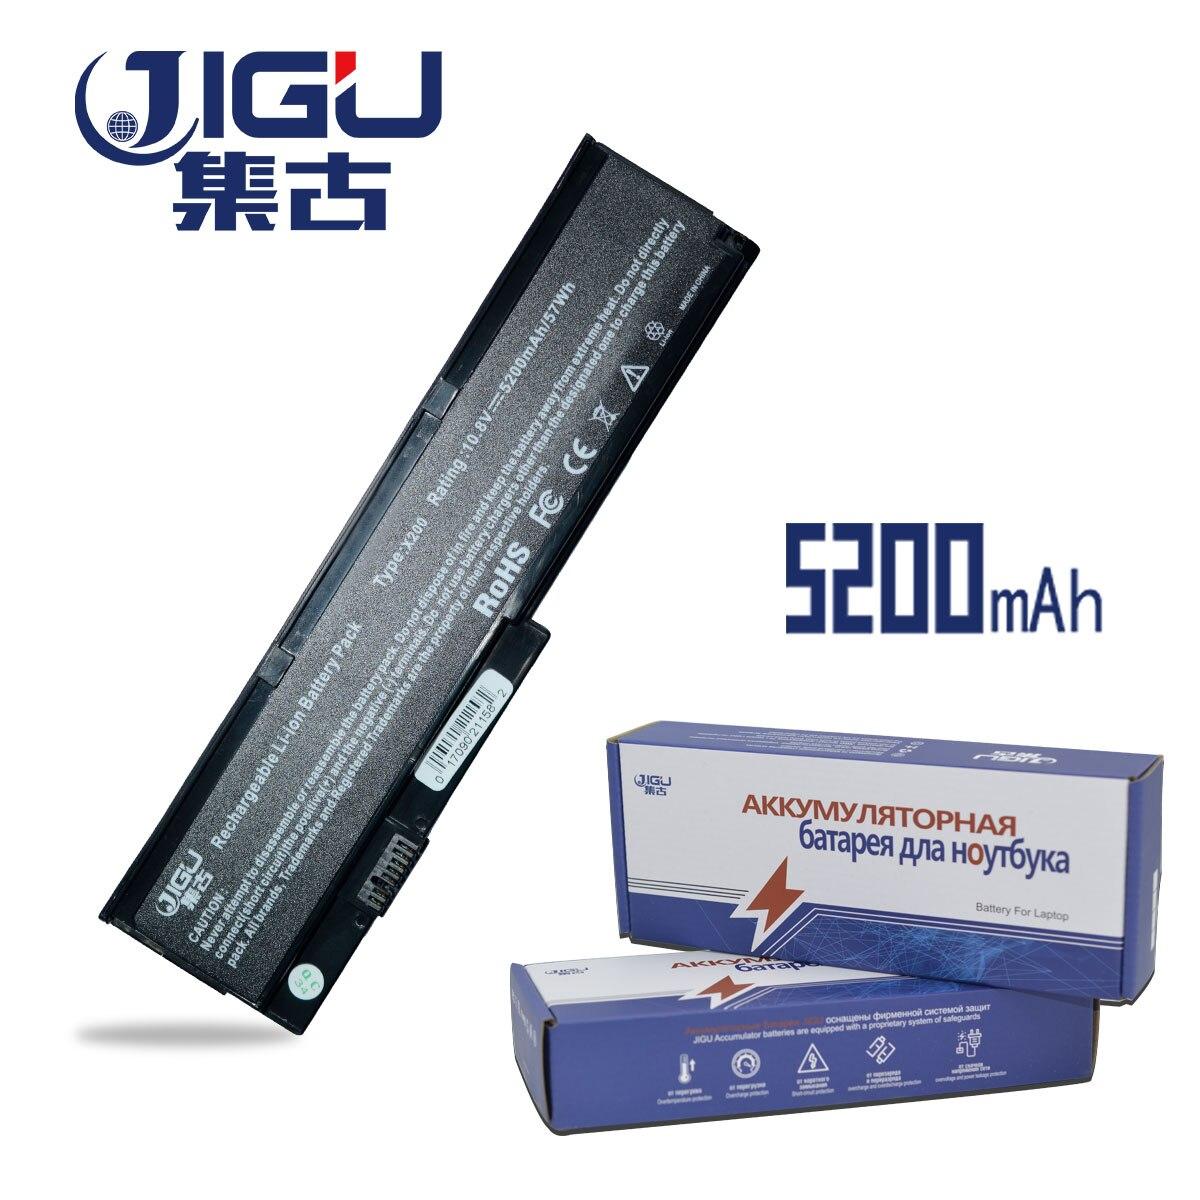 Bateria Do Portátil Para Lenovo ThinkPad X200 JIGU X200s X201 X201i X201s 42T4834 42T4835 43R9254 42T4537 ASM FRU FRU 42T4536 42T4538